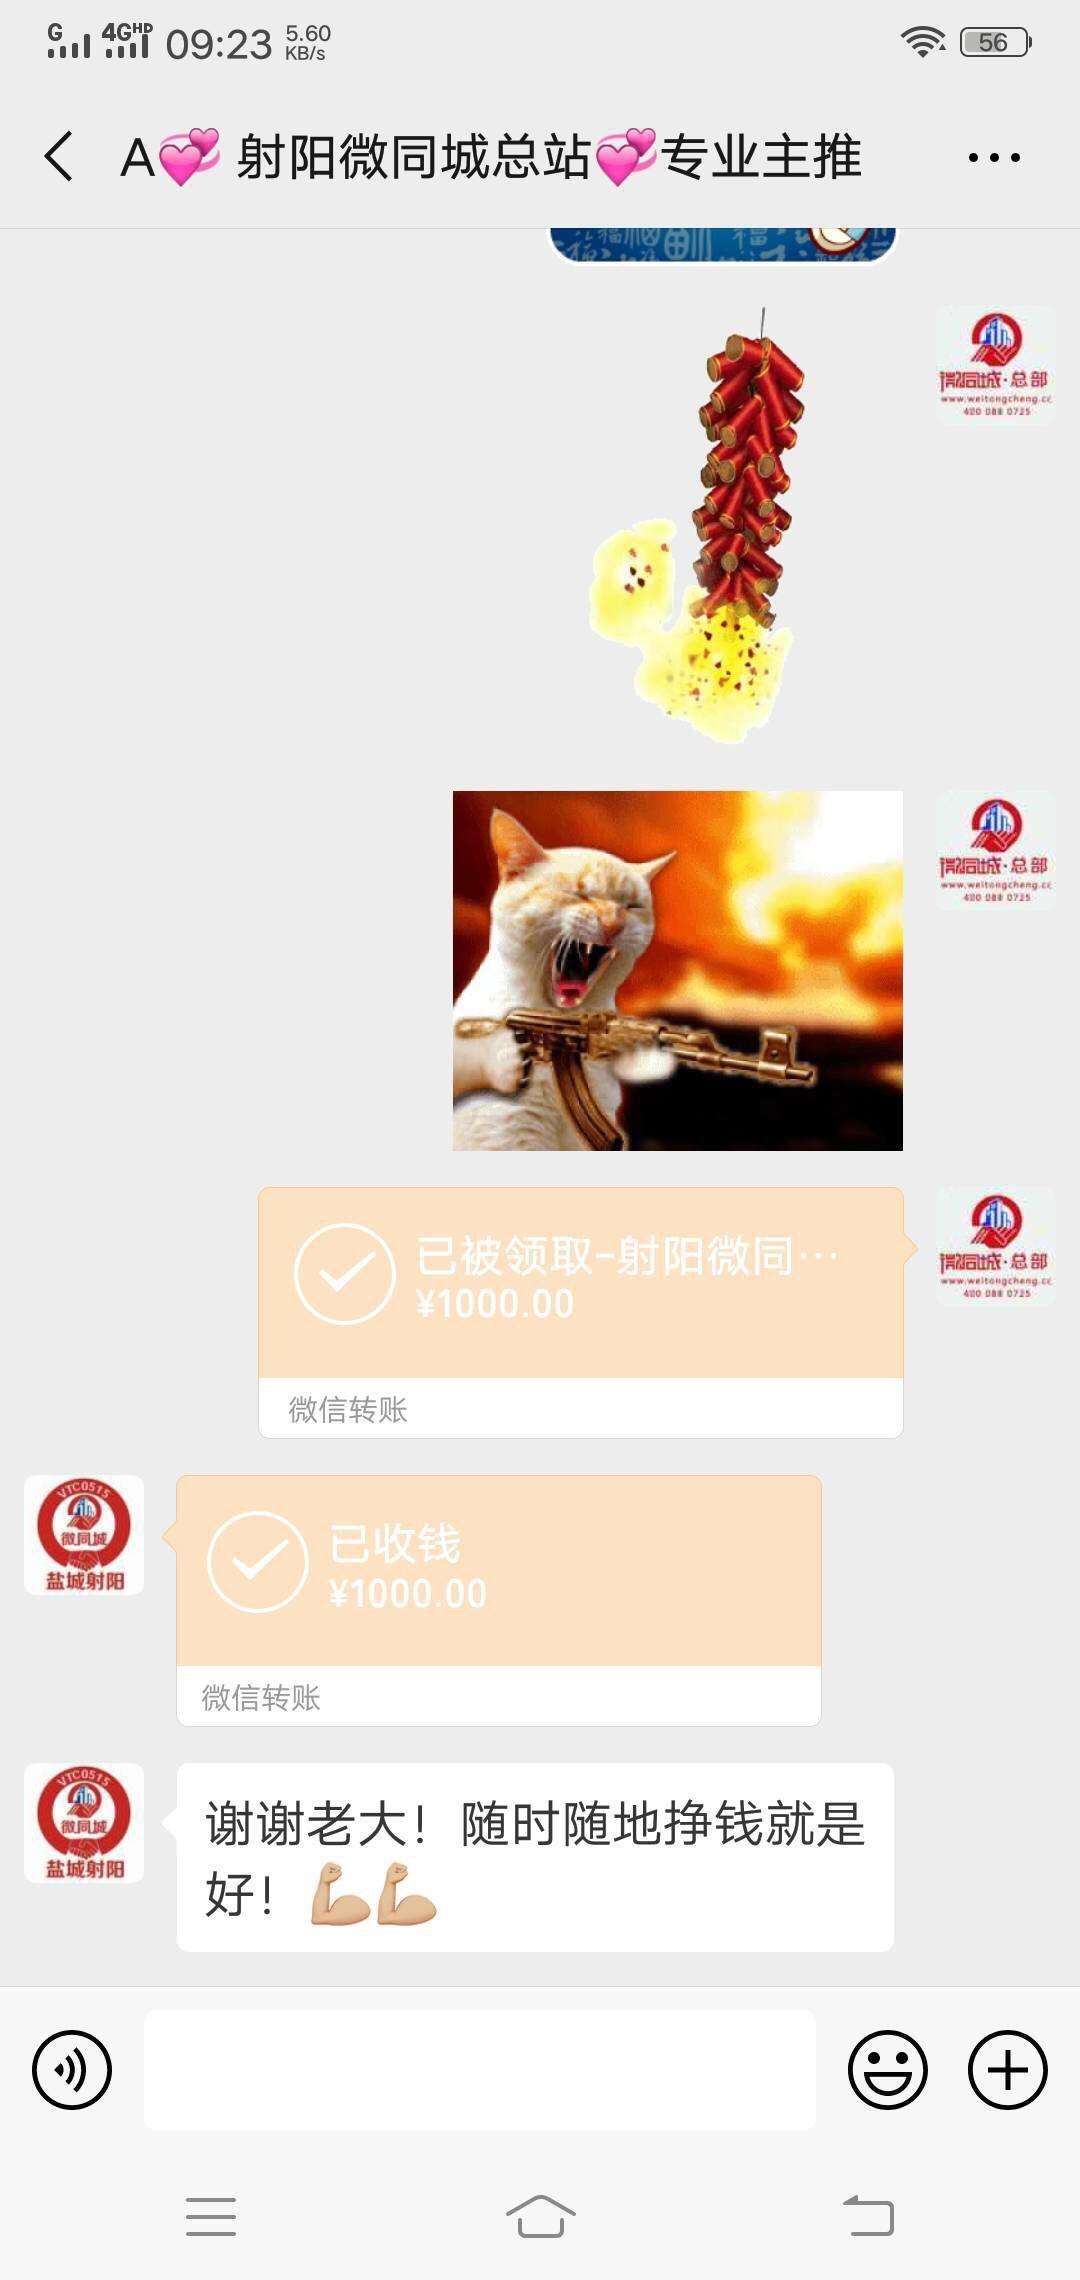 【赚1000元】射阳微全城微帮广告佣金